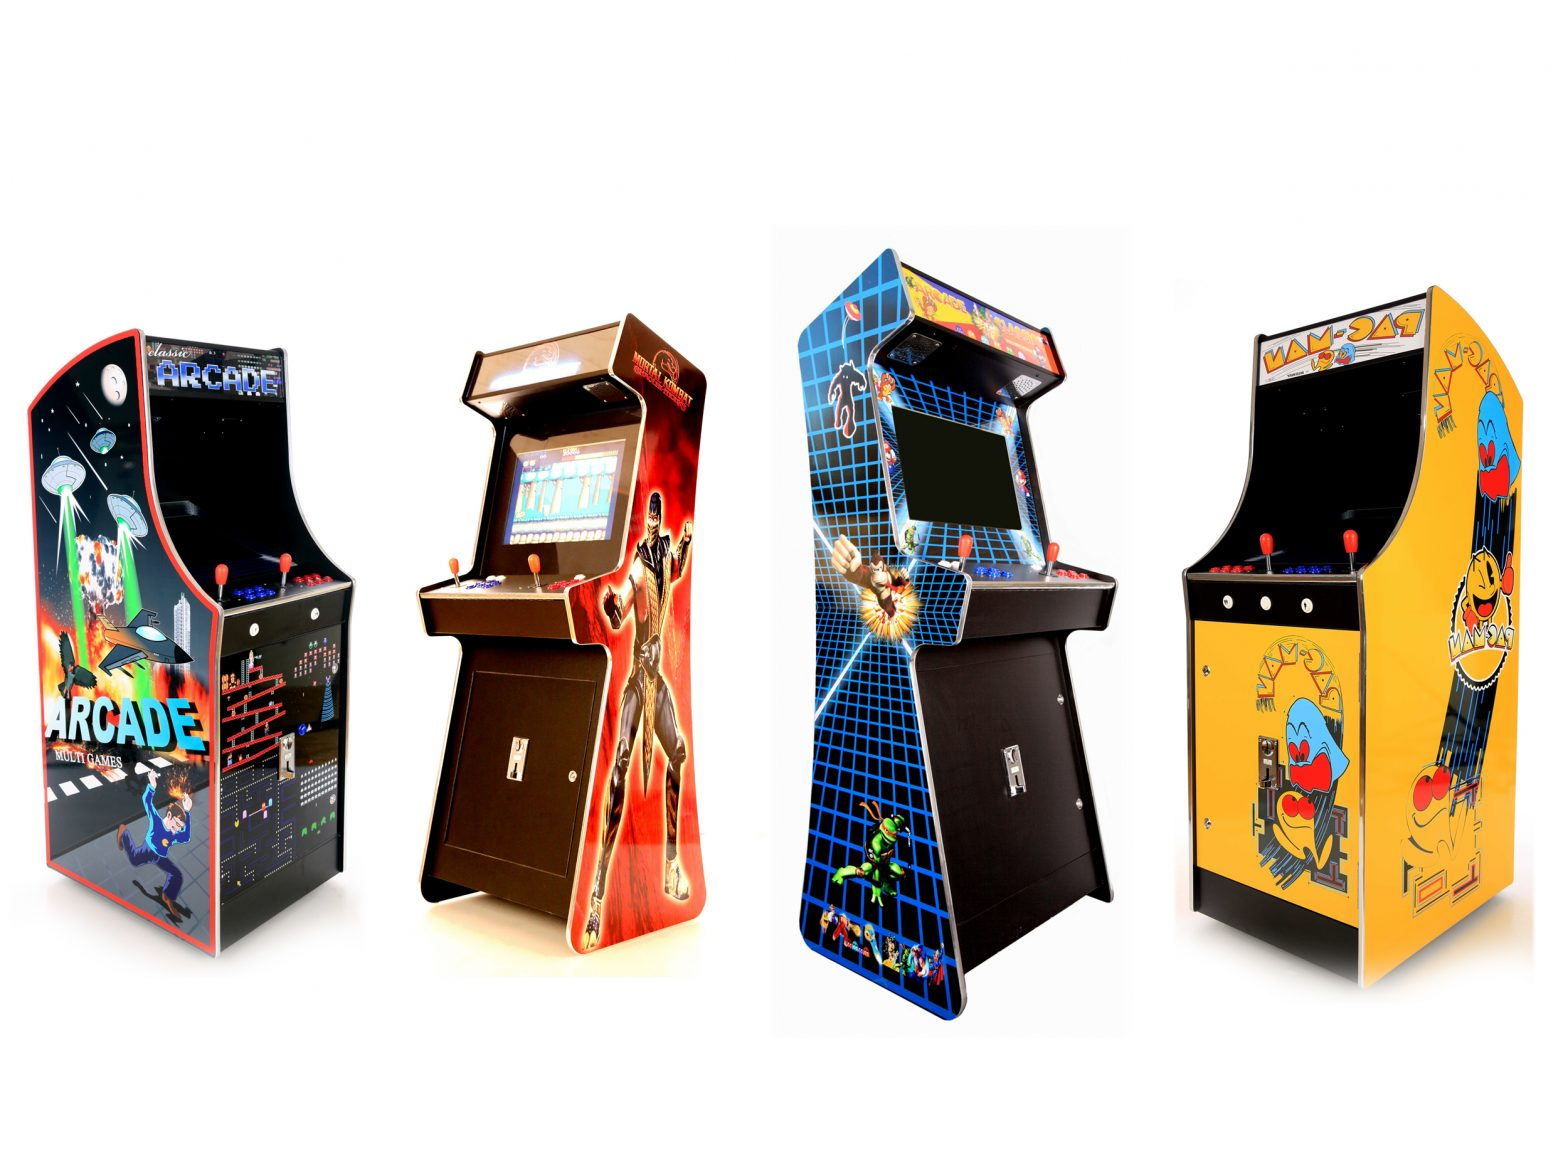 Arcade kasten huren